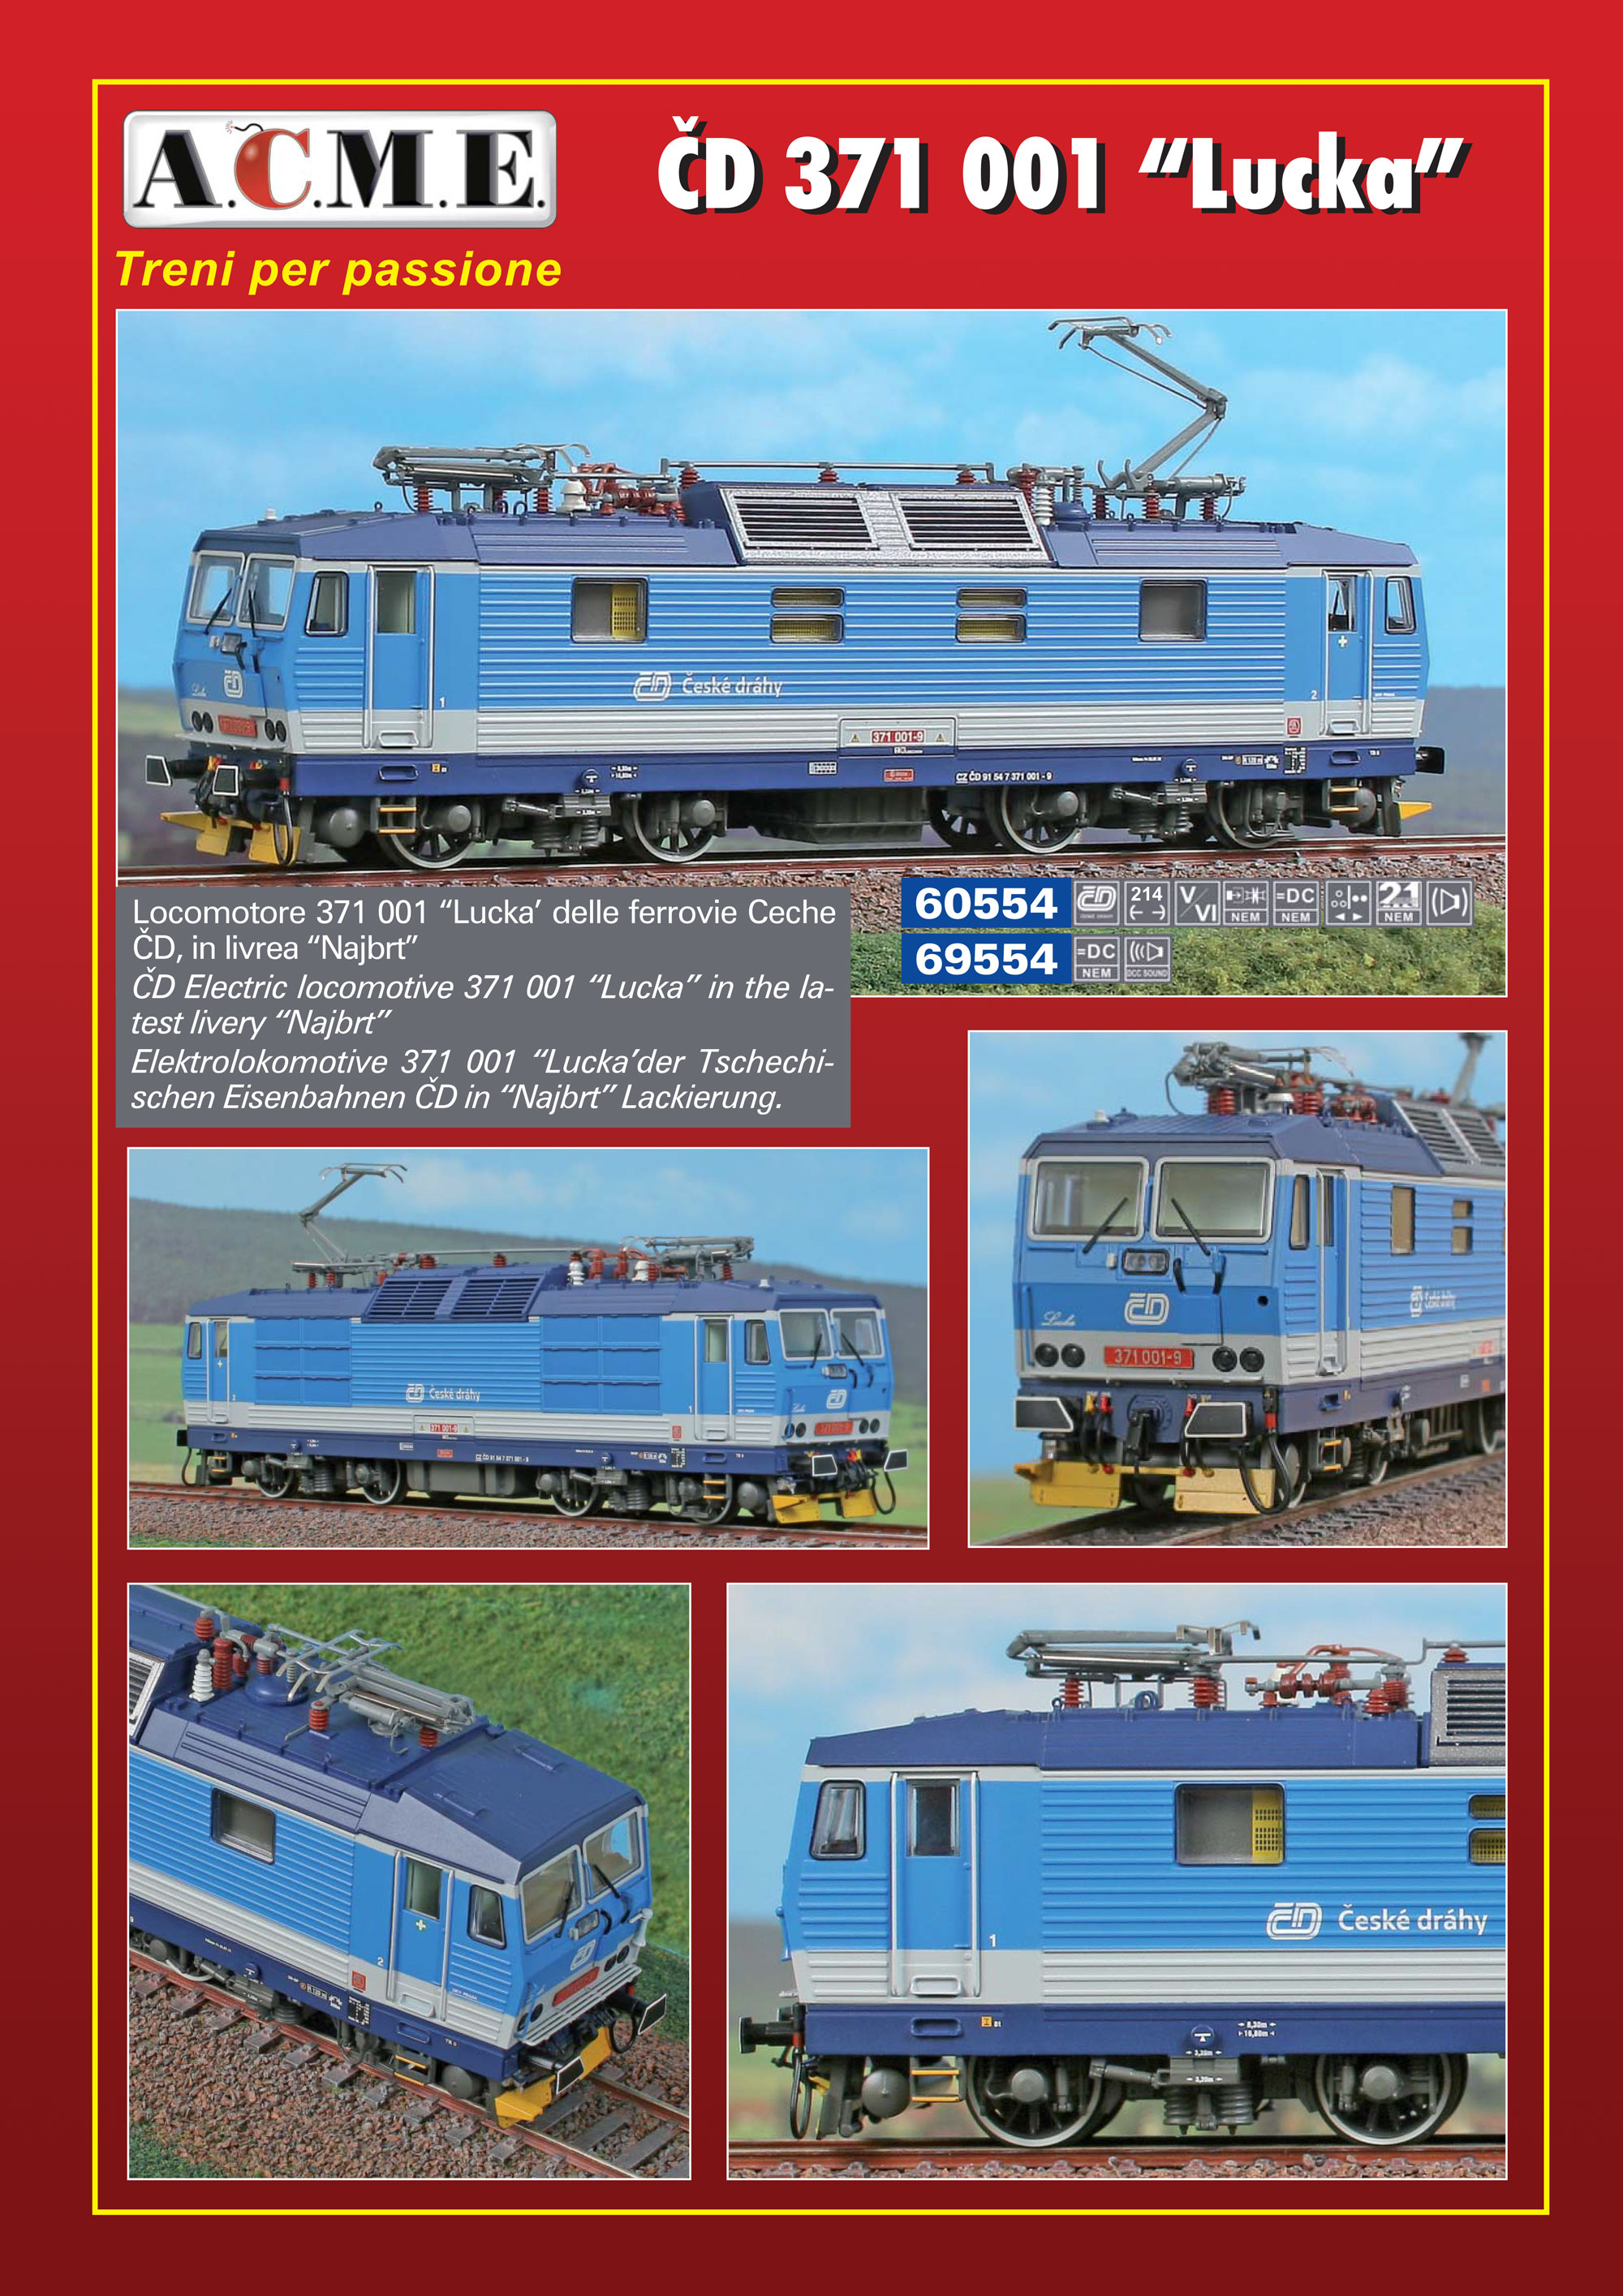 A.C.M.E - CD - Class 371 001